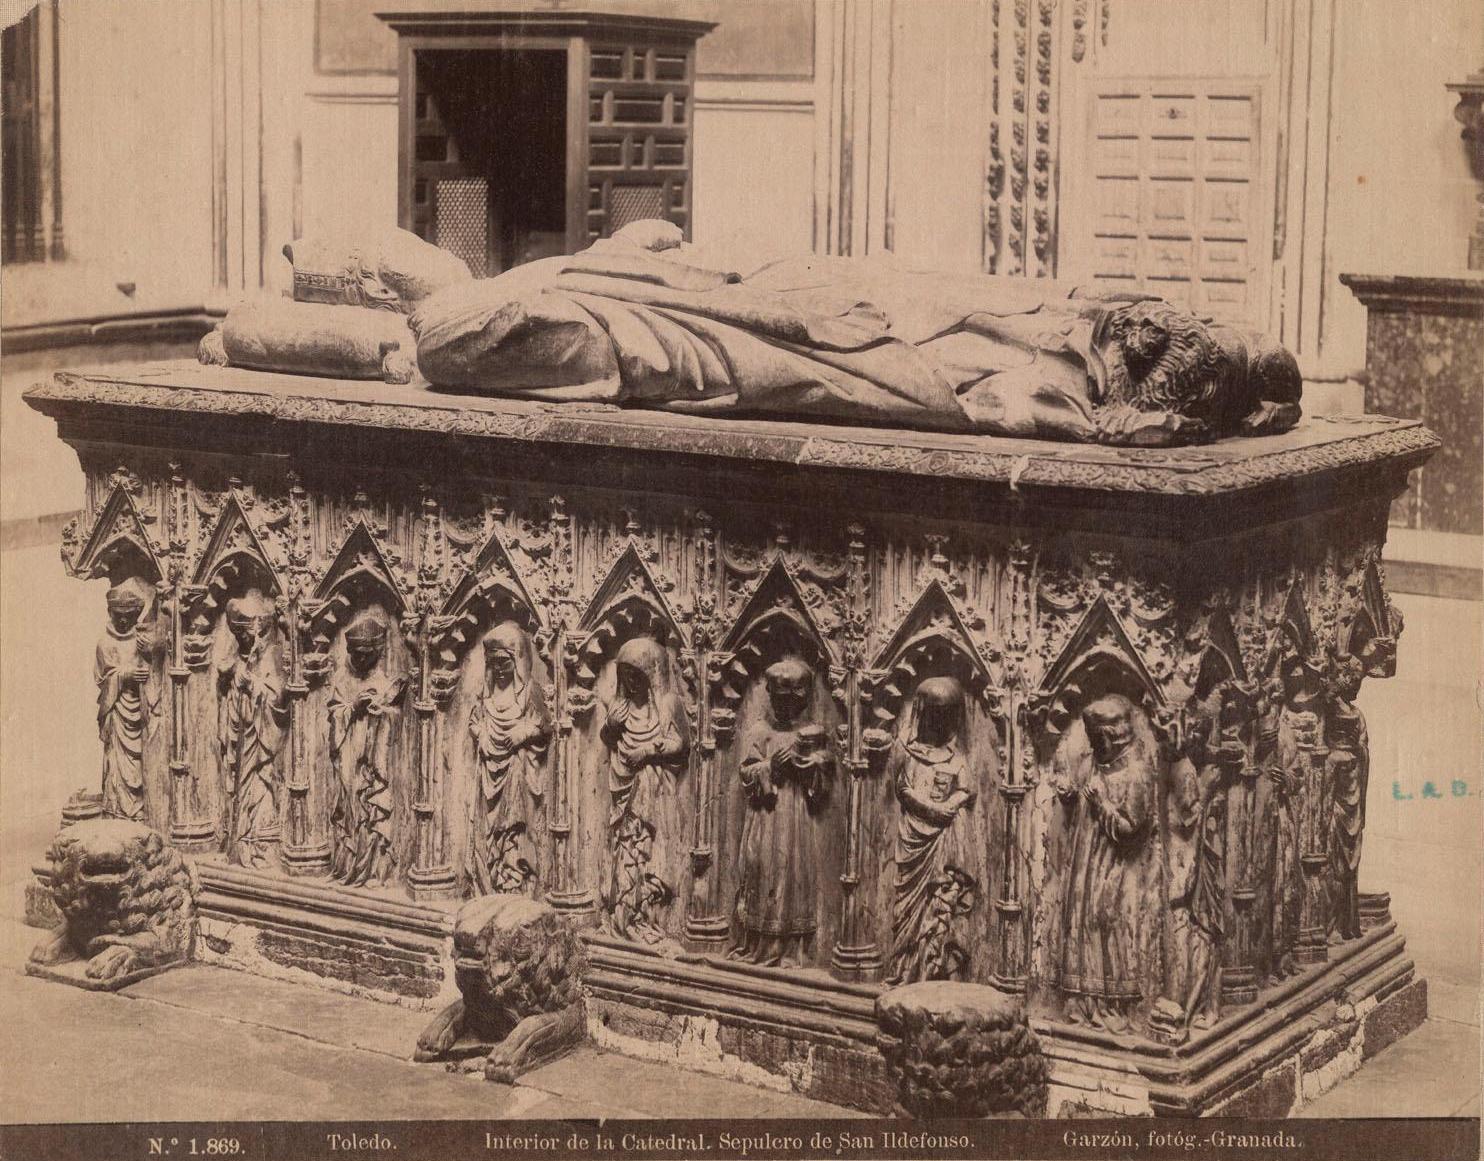 Sepulcro en la Catedral de Toledo a finales del siglo XIX. Fotografía de Rafael Garzón